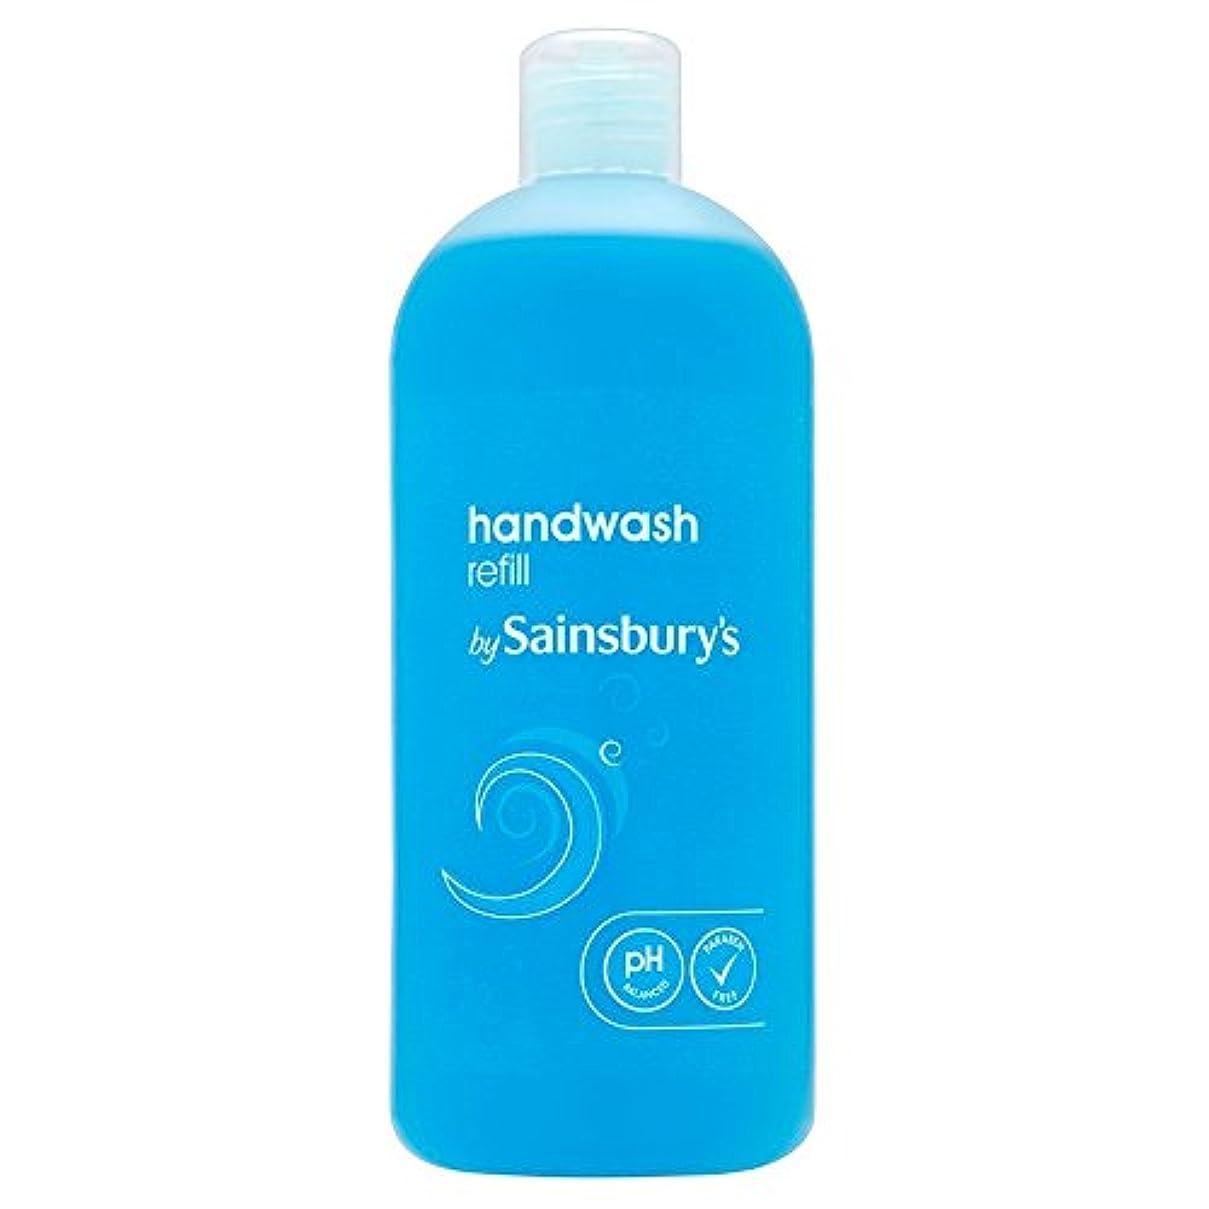 前に現在条件付きSainsbury's Handwash, Blue Refill 500ml - (Sainsbury's) 手洗い、青のリフィル500ミリリットル [並行輸入品]